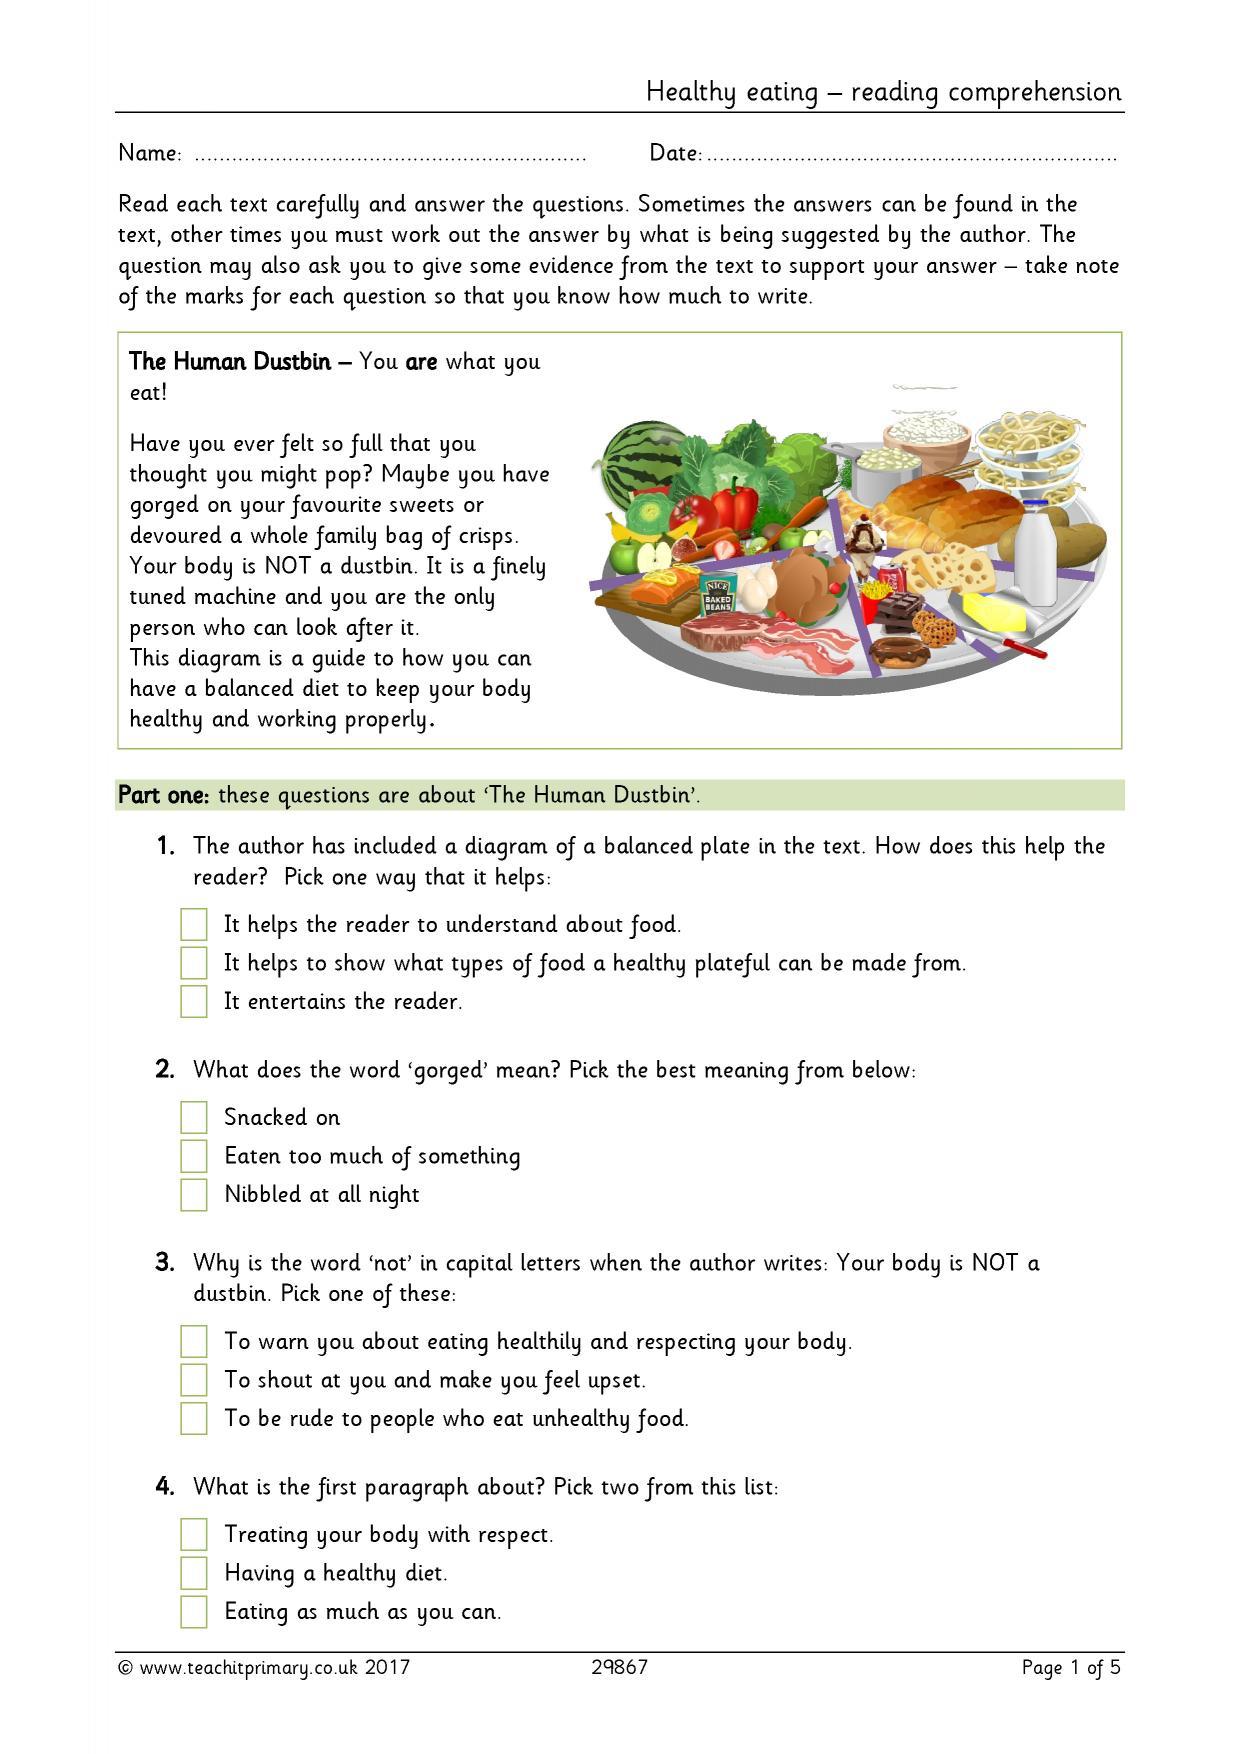 Healthy Food Reading Comprehension